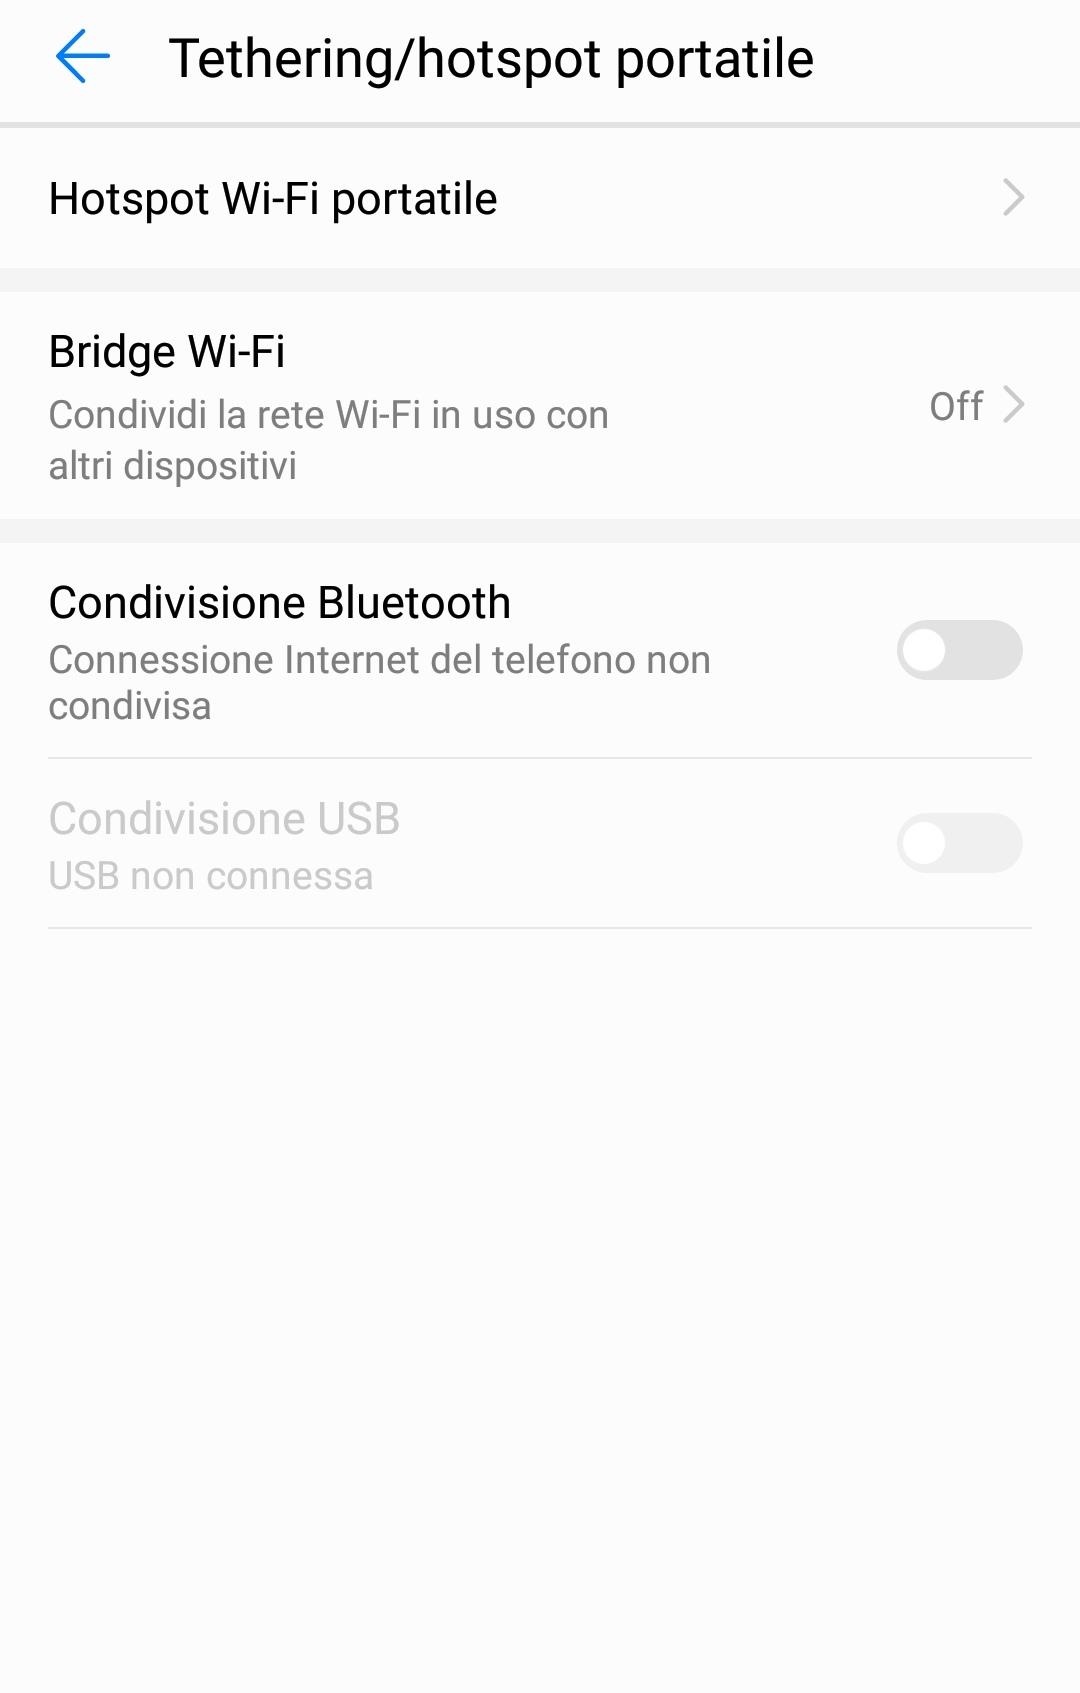 """La voce """"Hotspot Wi-Fi portatile"""", per configurare il router"""